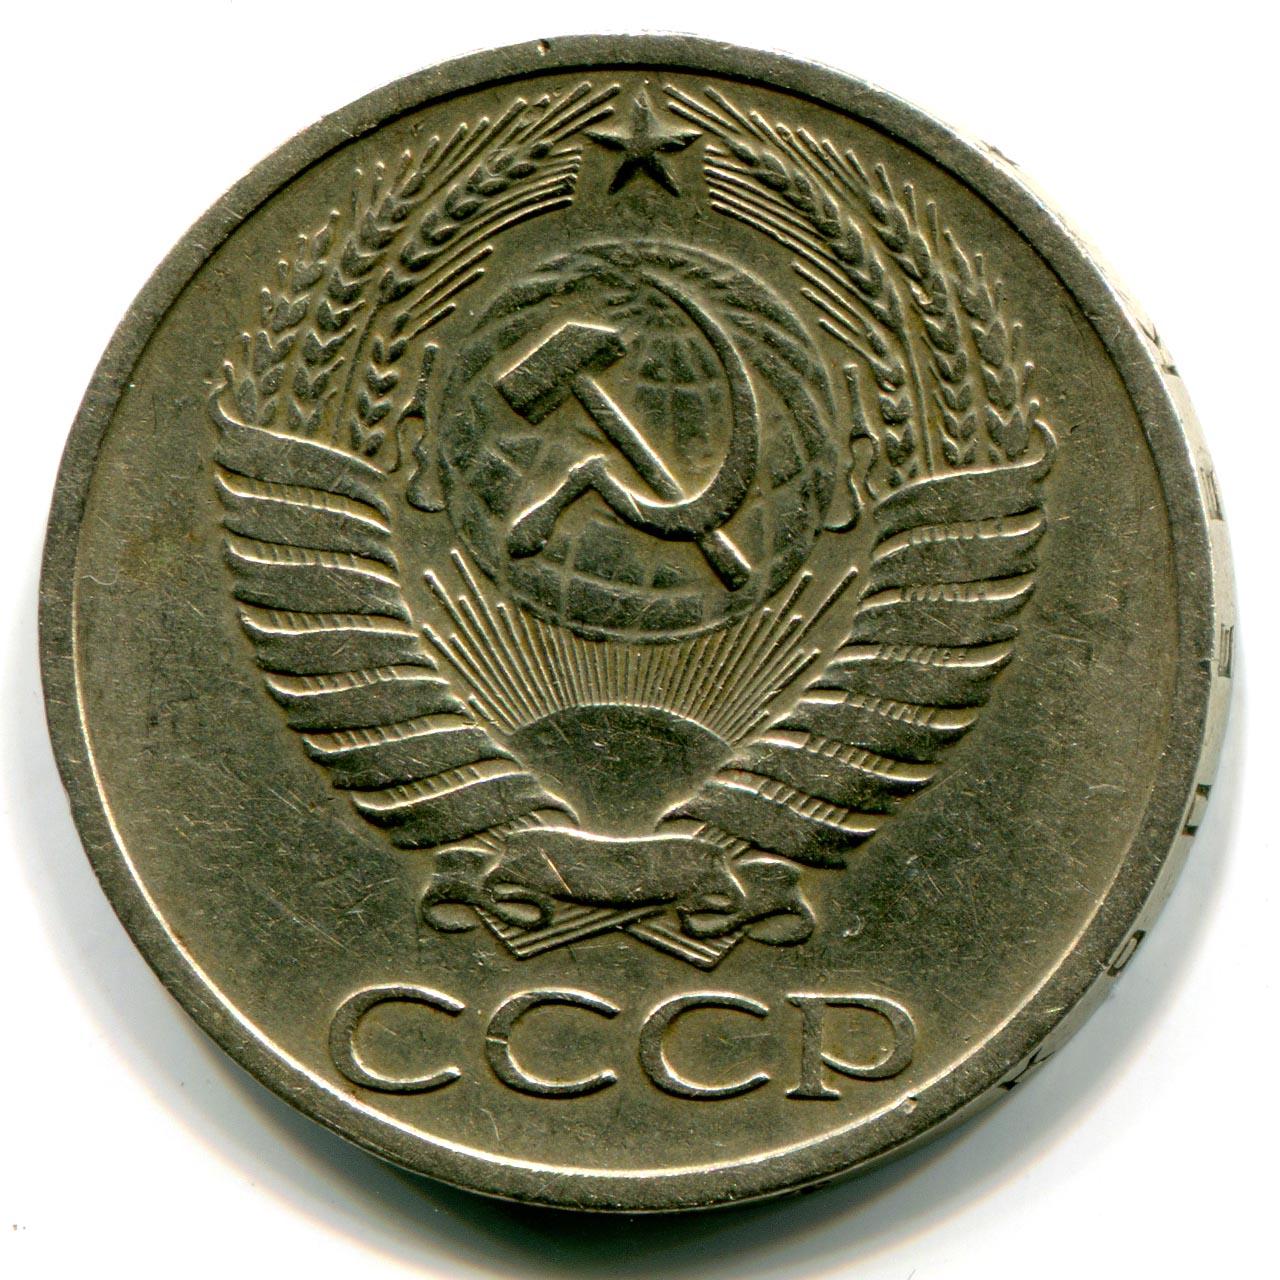 50 копеек 1965 года стоимость альбом для монет картинки